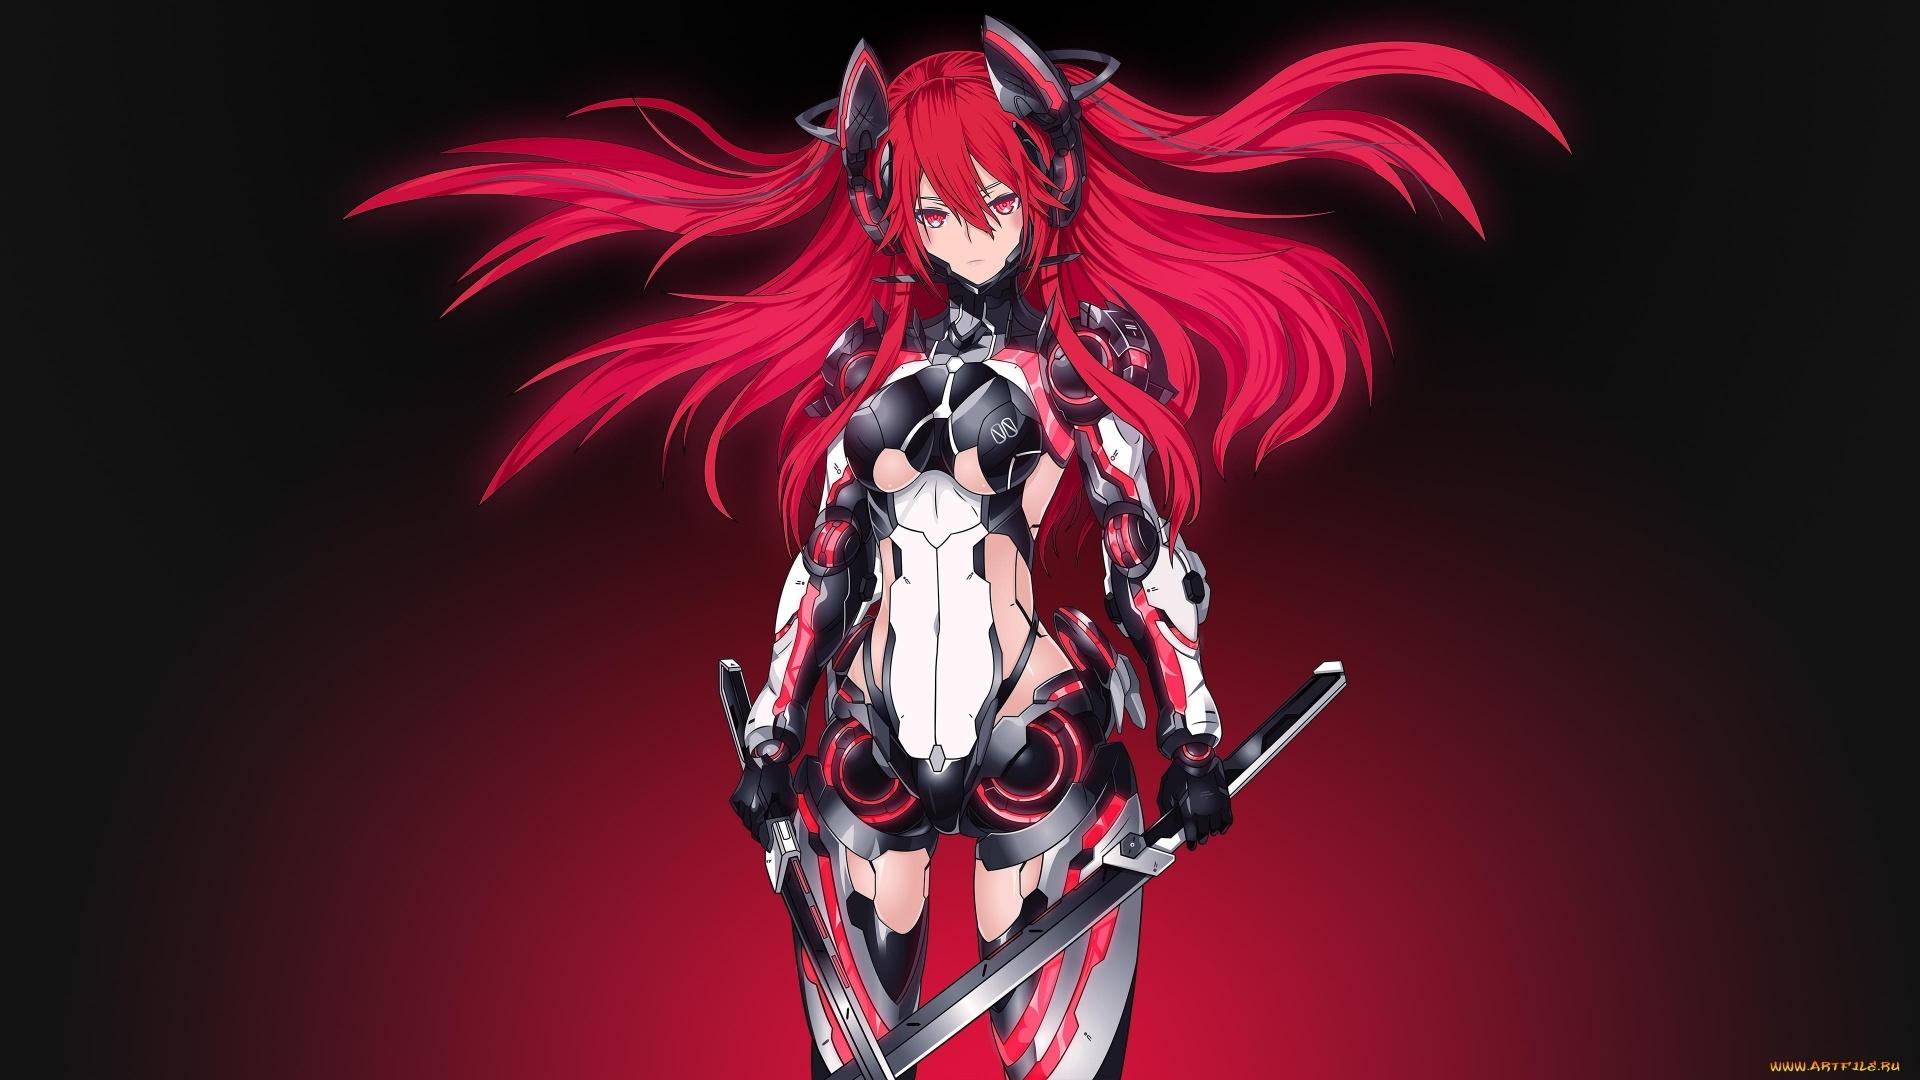 Red Anime Girl Full HD Wallpaper